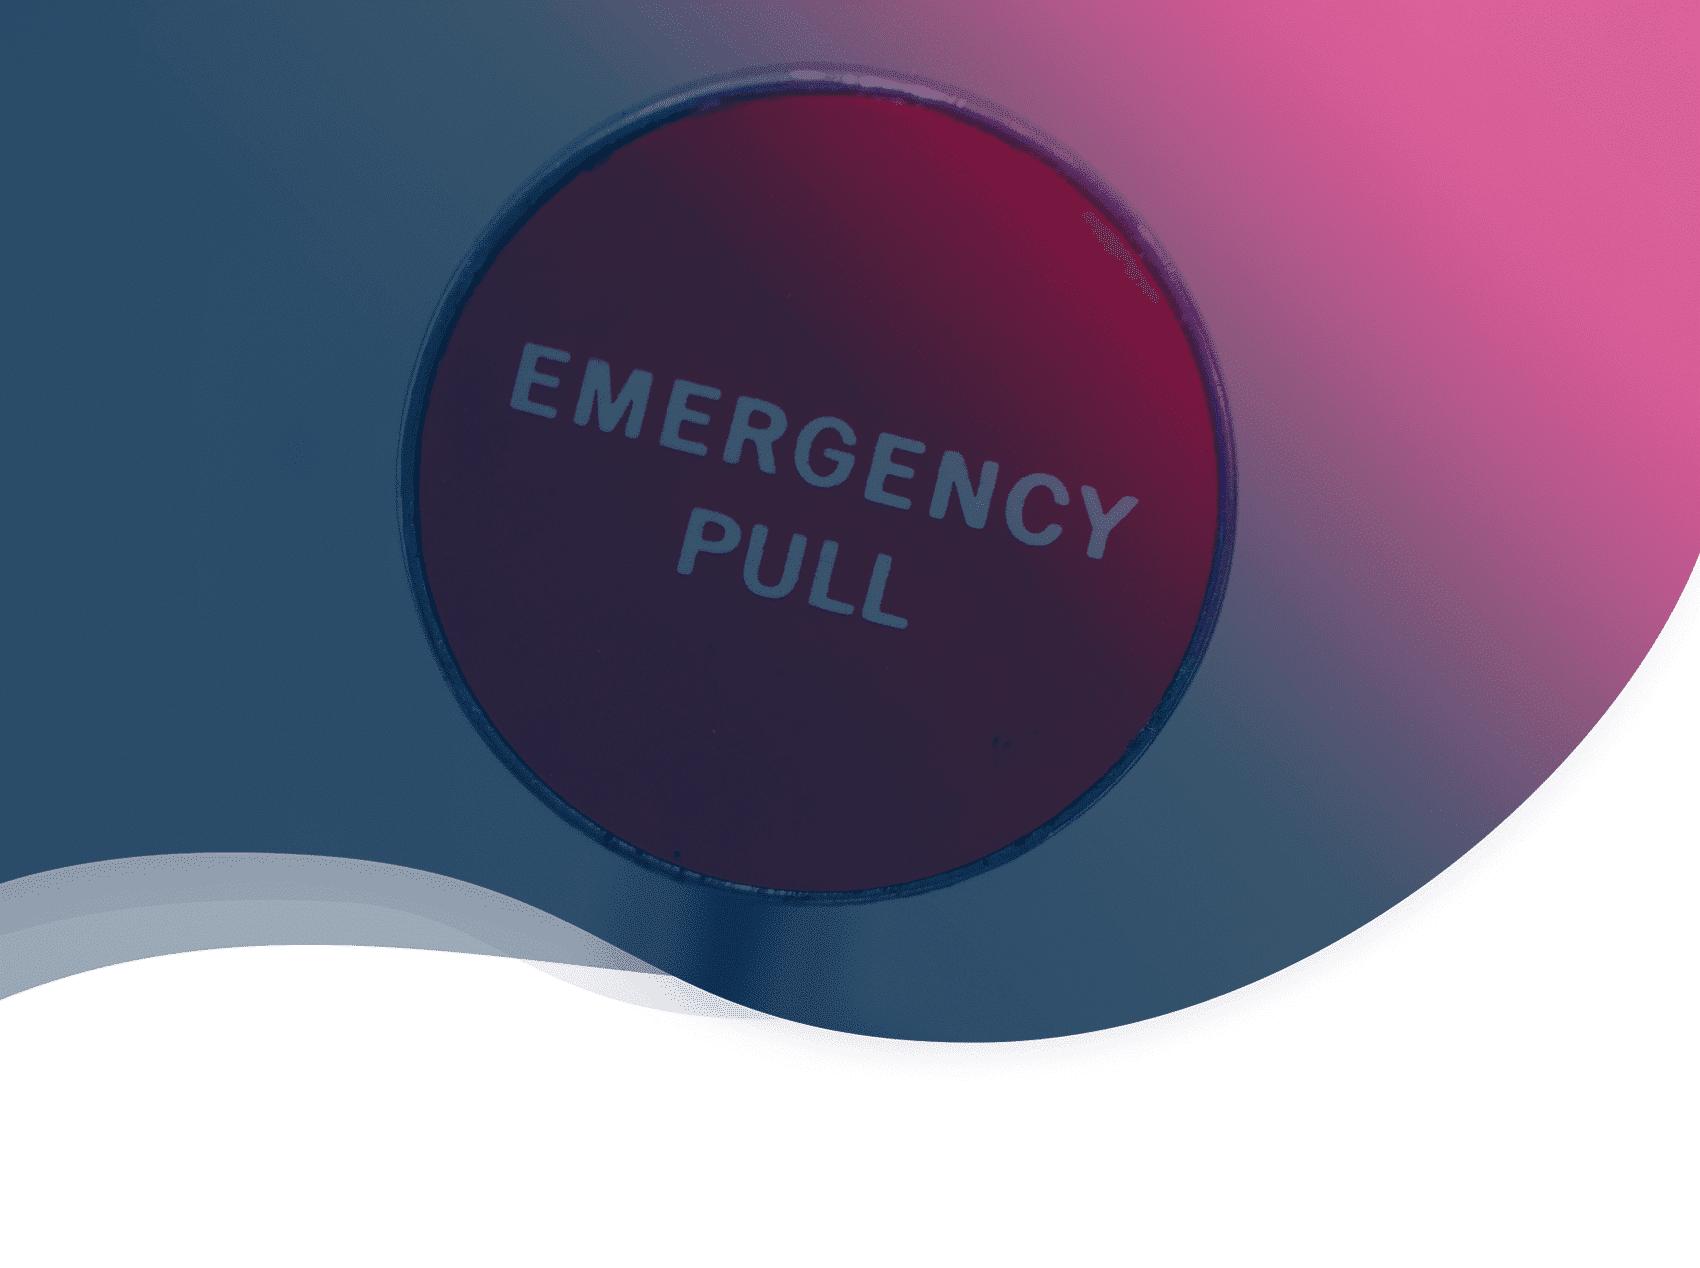 7 conseils pour communiquer par email en temps de crise